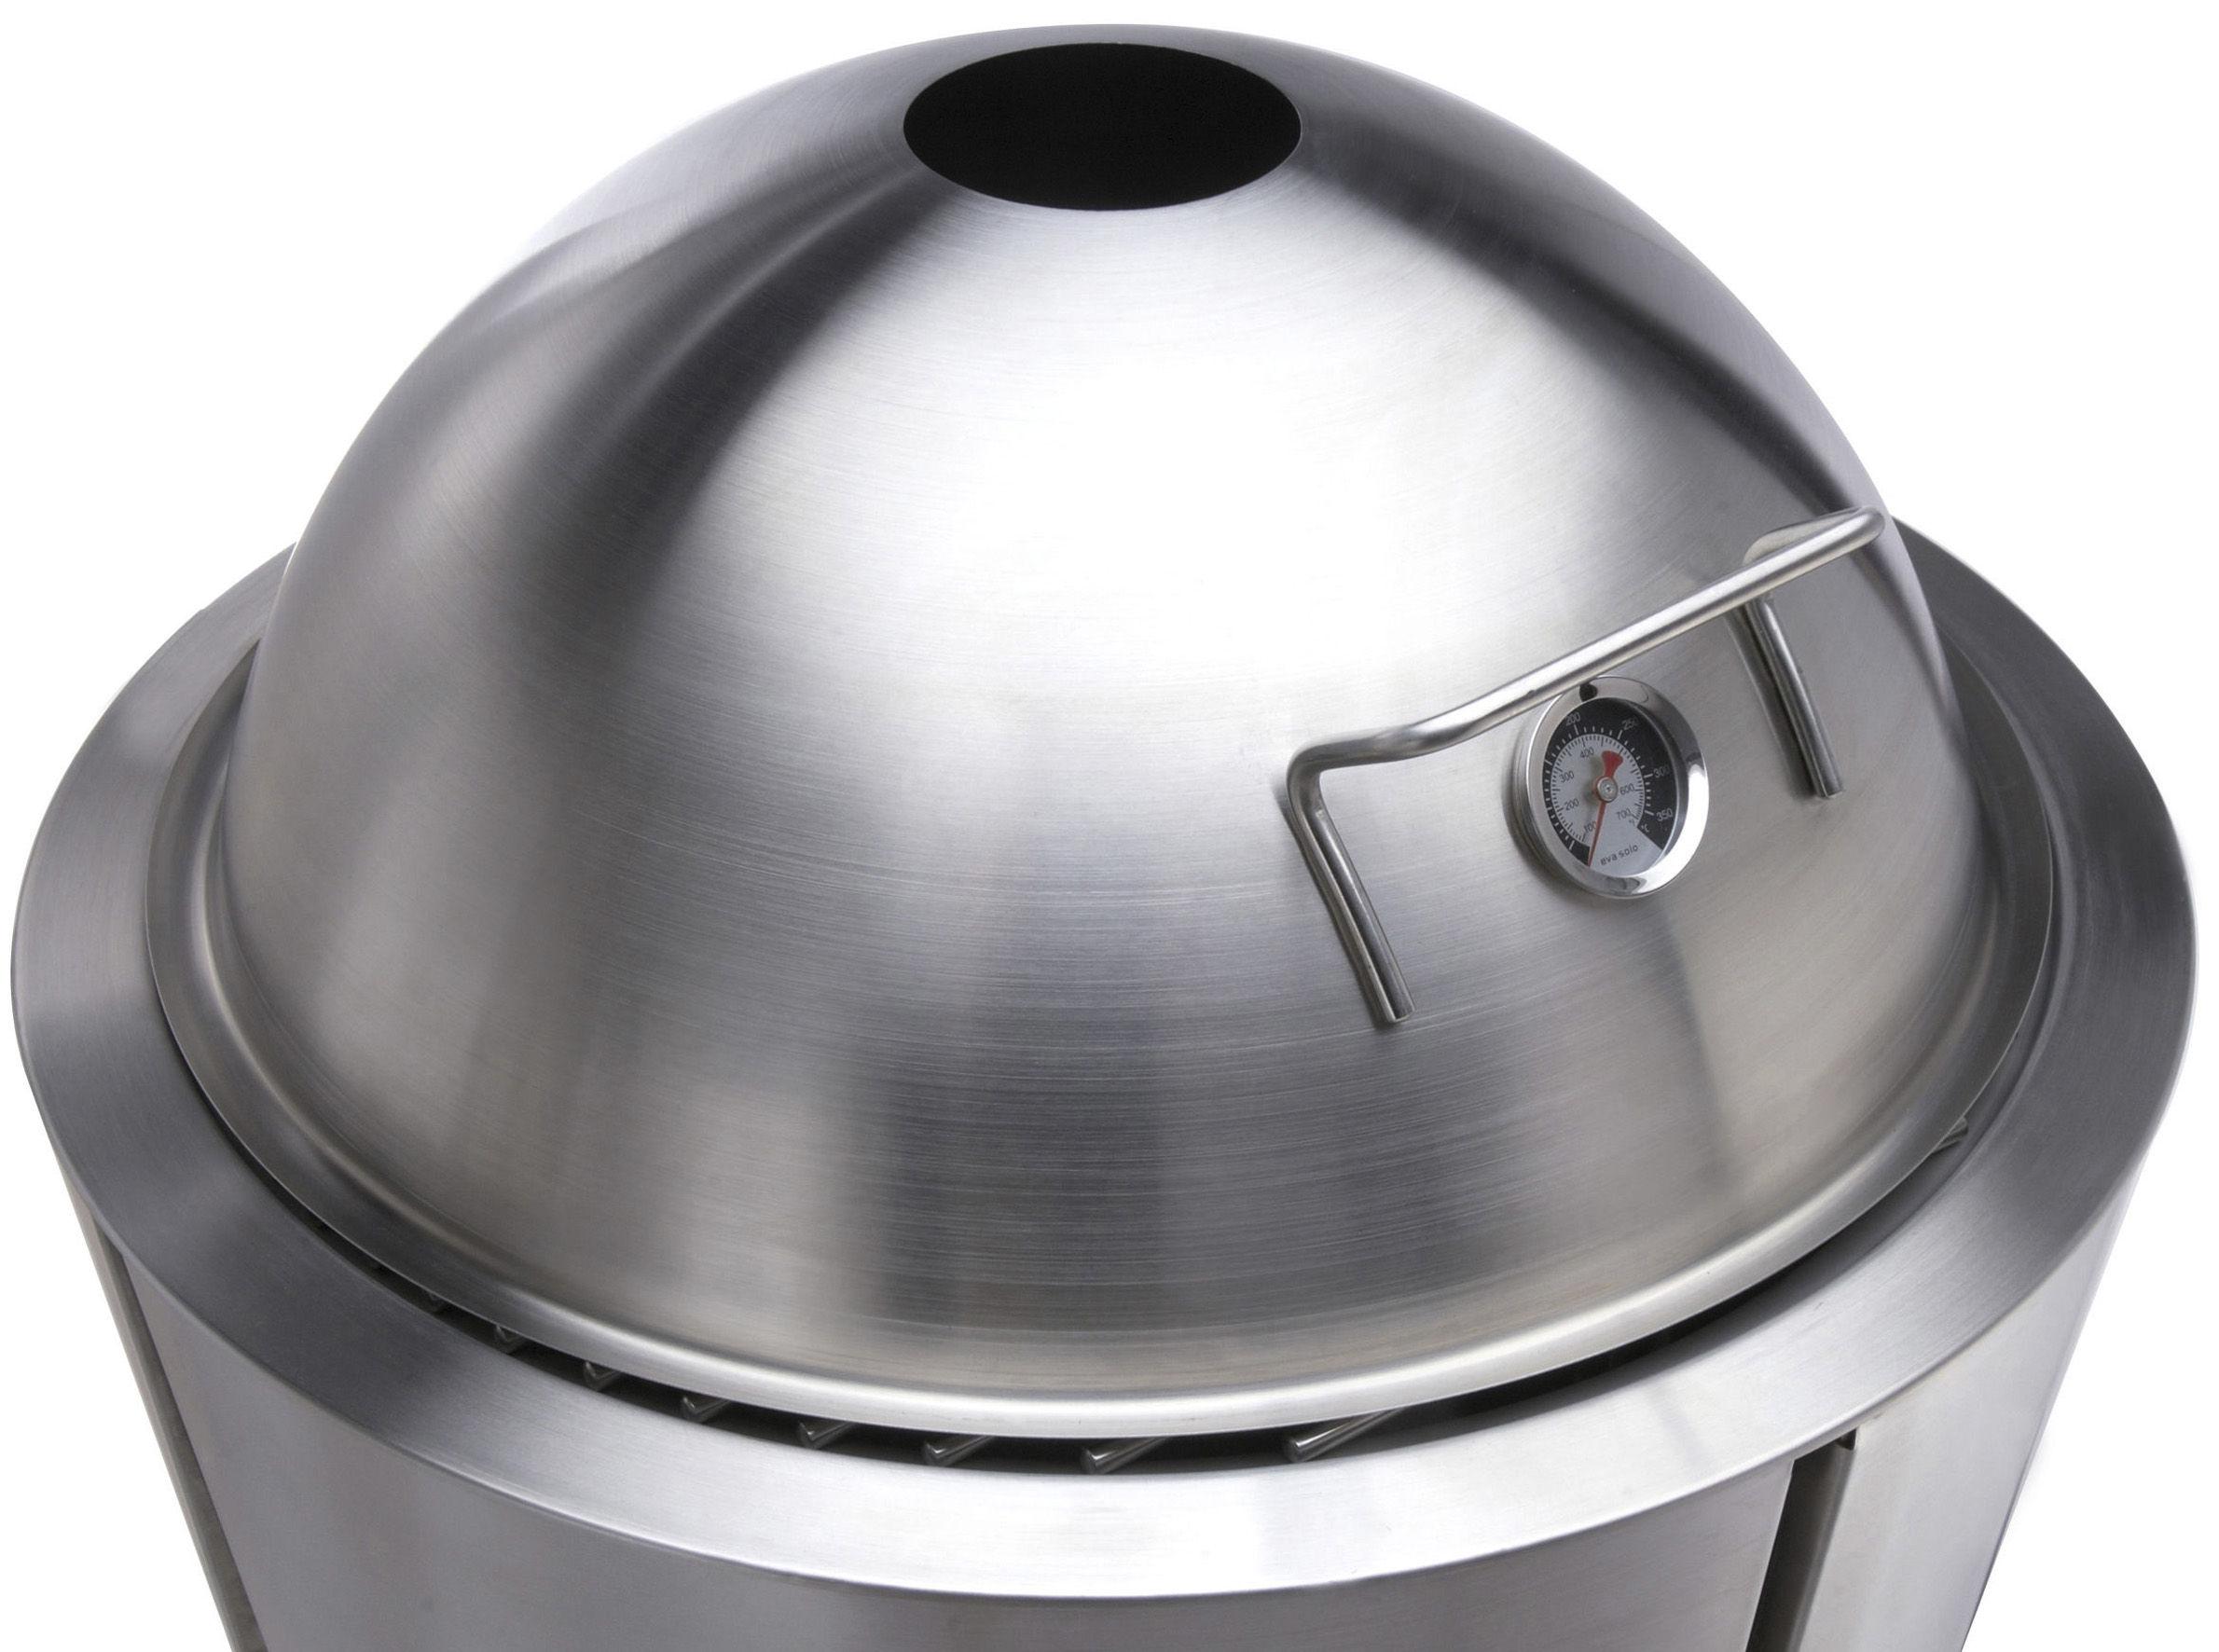 Outdoor - Barbecues et braséros - Couvercle-dôme avec thermomètre Ø 60 cm / Pour barbecue à charbon Eva Solo Ø 59 cm - Eva Solo - Inox - Acier inoxydable